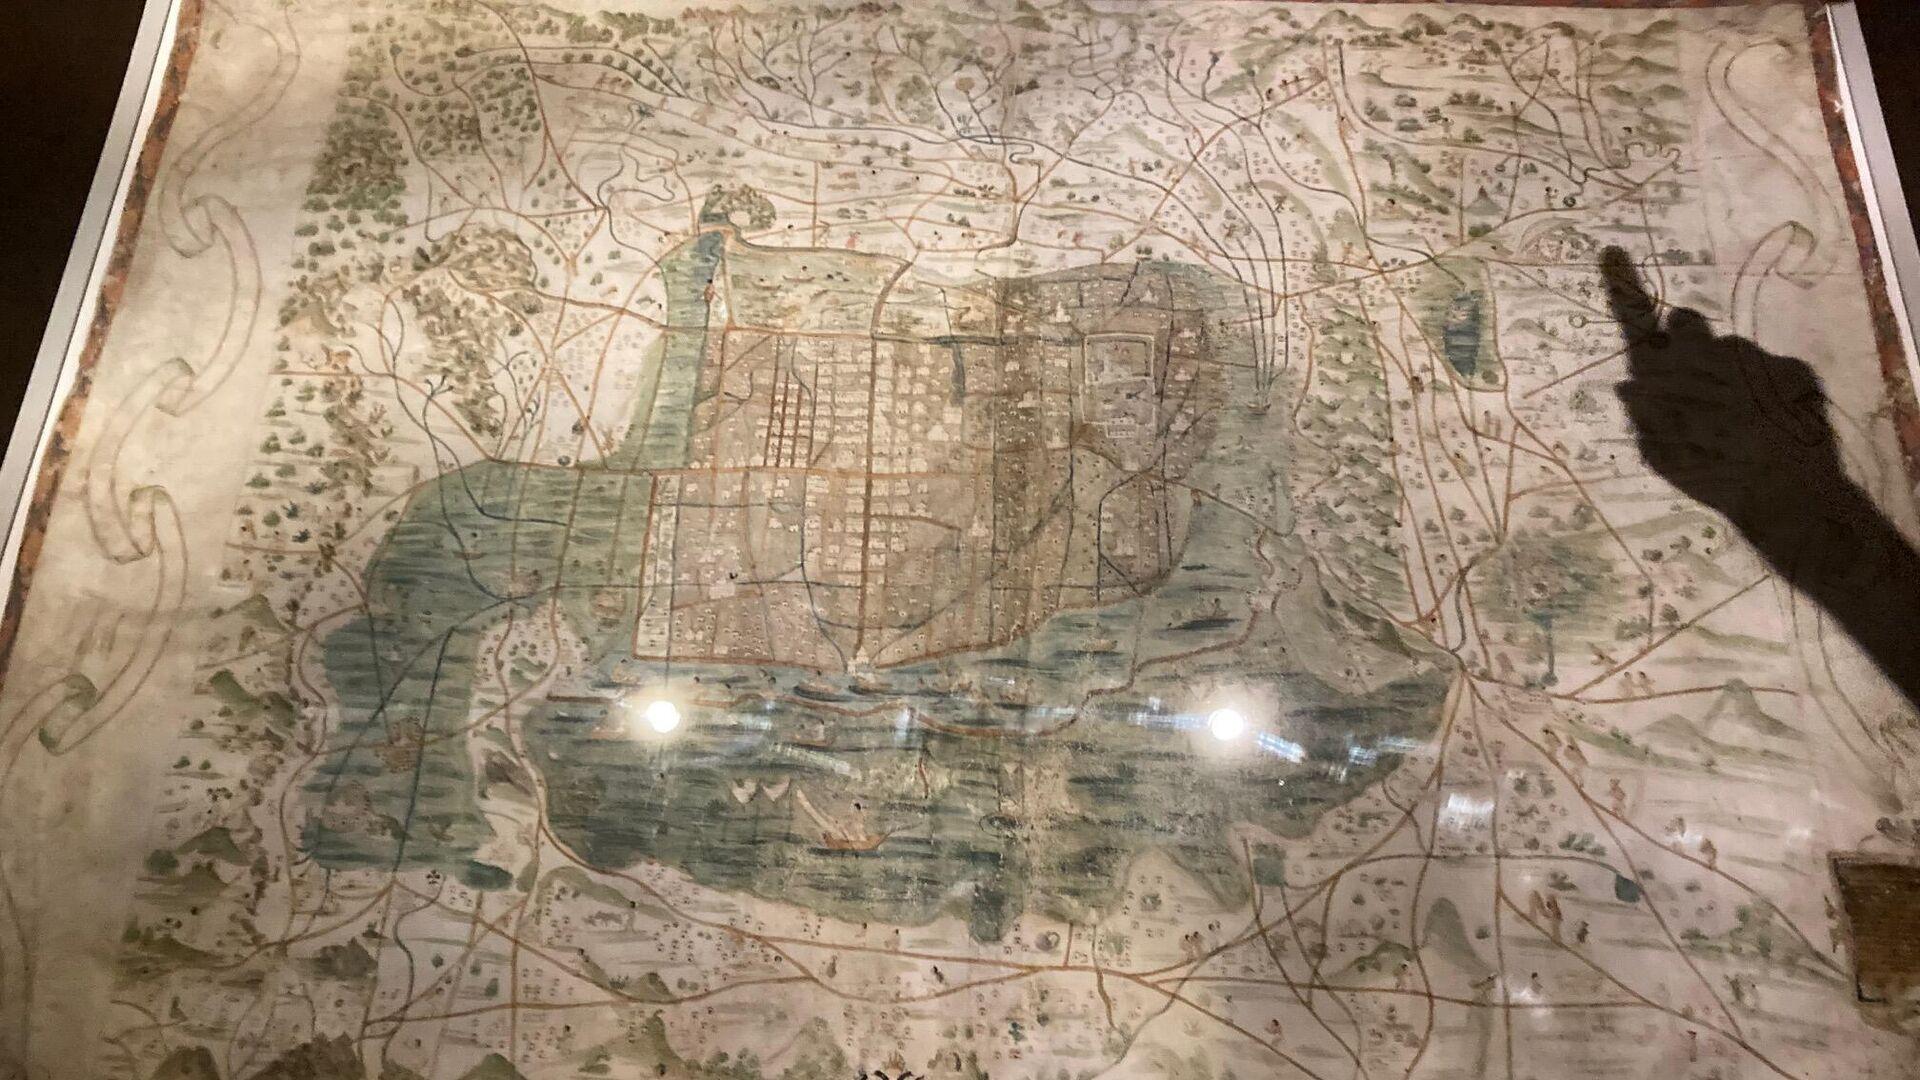 Mapa de México—Tenochtitlan y sus contornos del Valle de México hacia 1550, expuesto en el museo nacional de Antropología en la Ciudad de México  - Sputnik Mundo, 1920, 11.10.2021